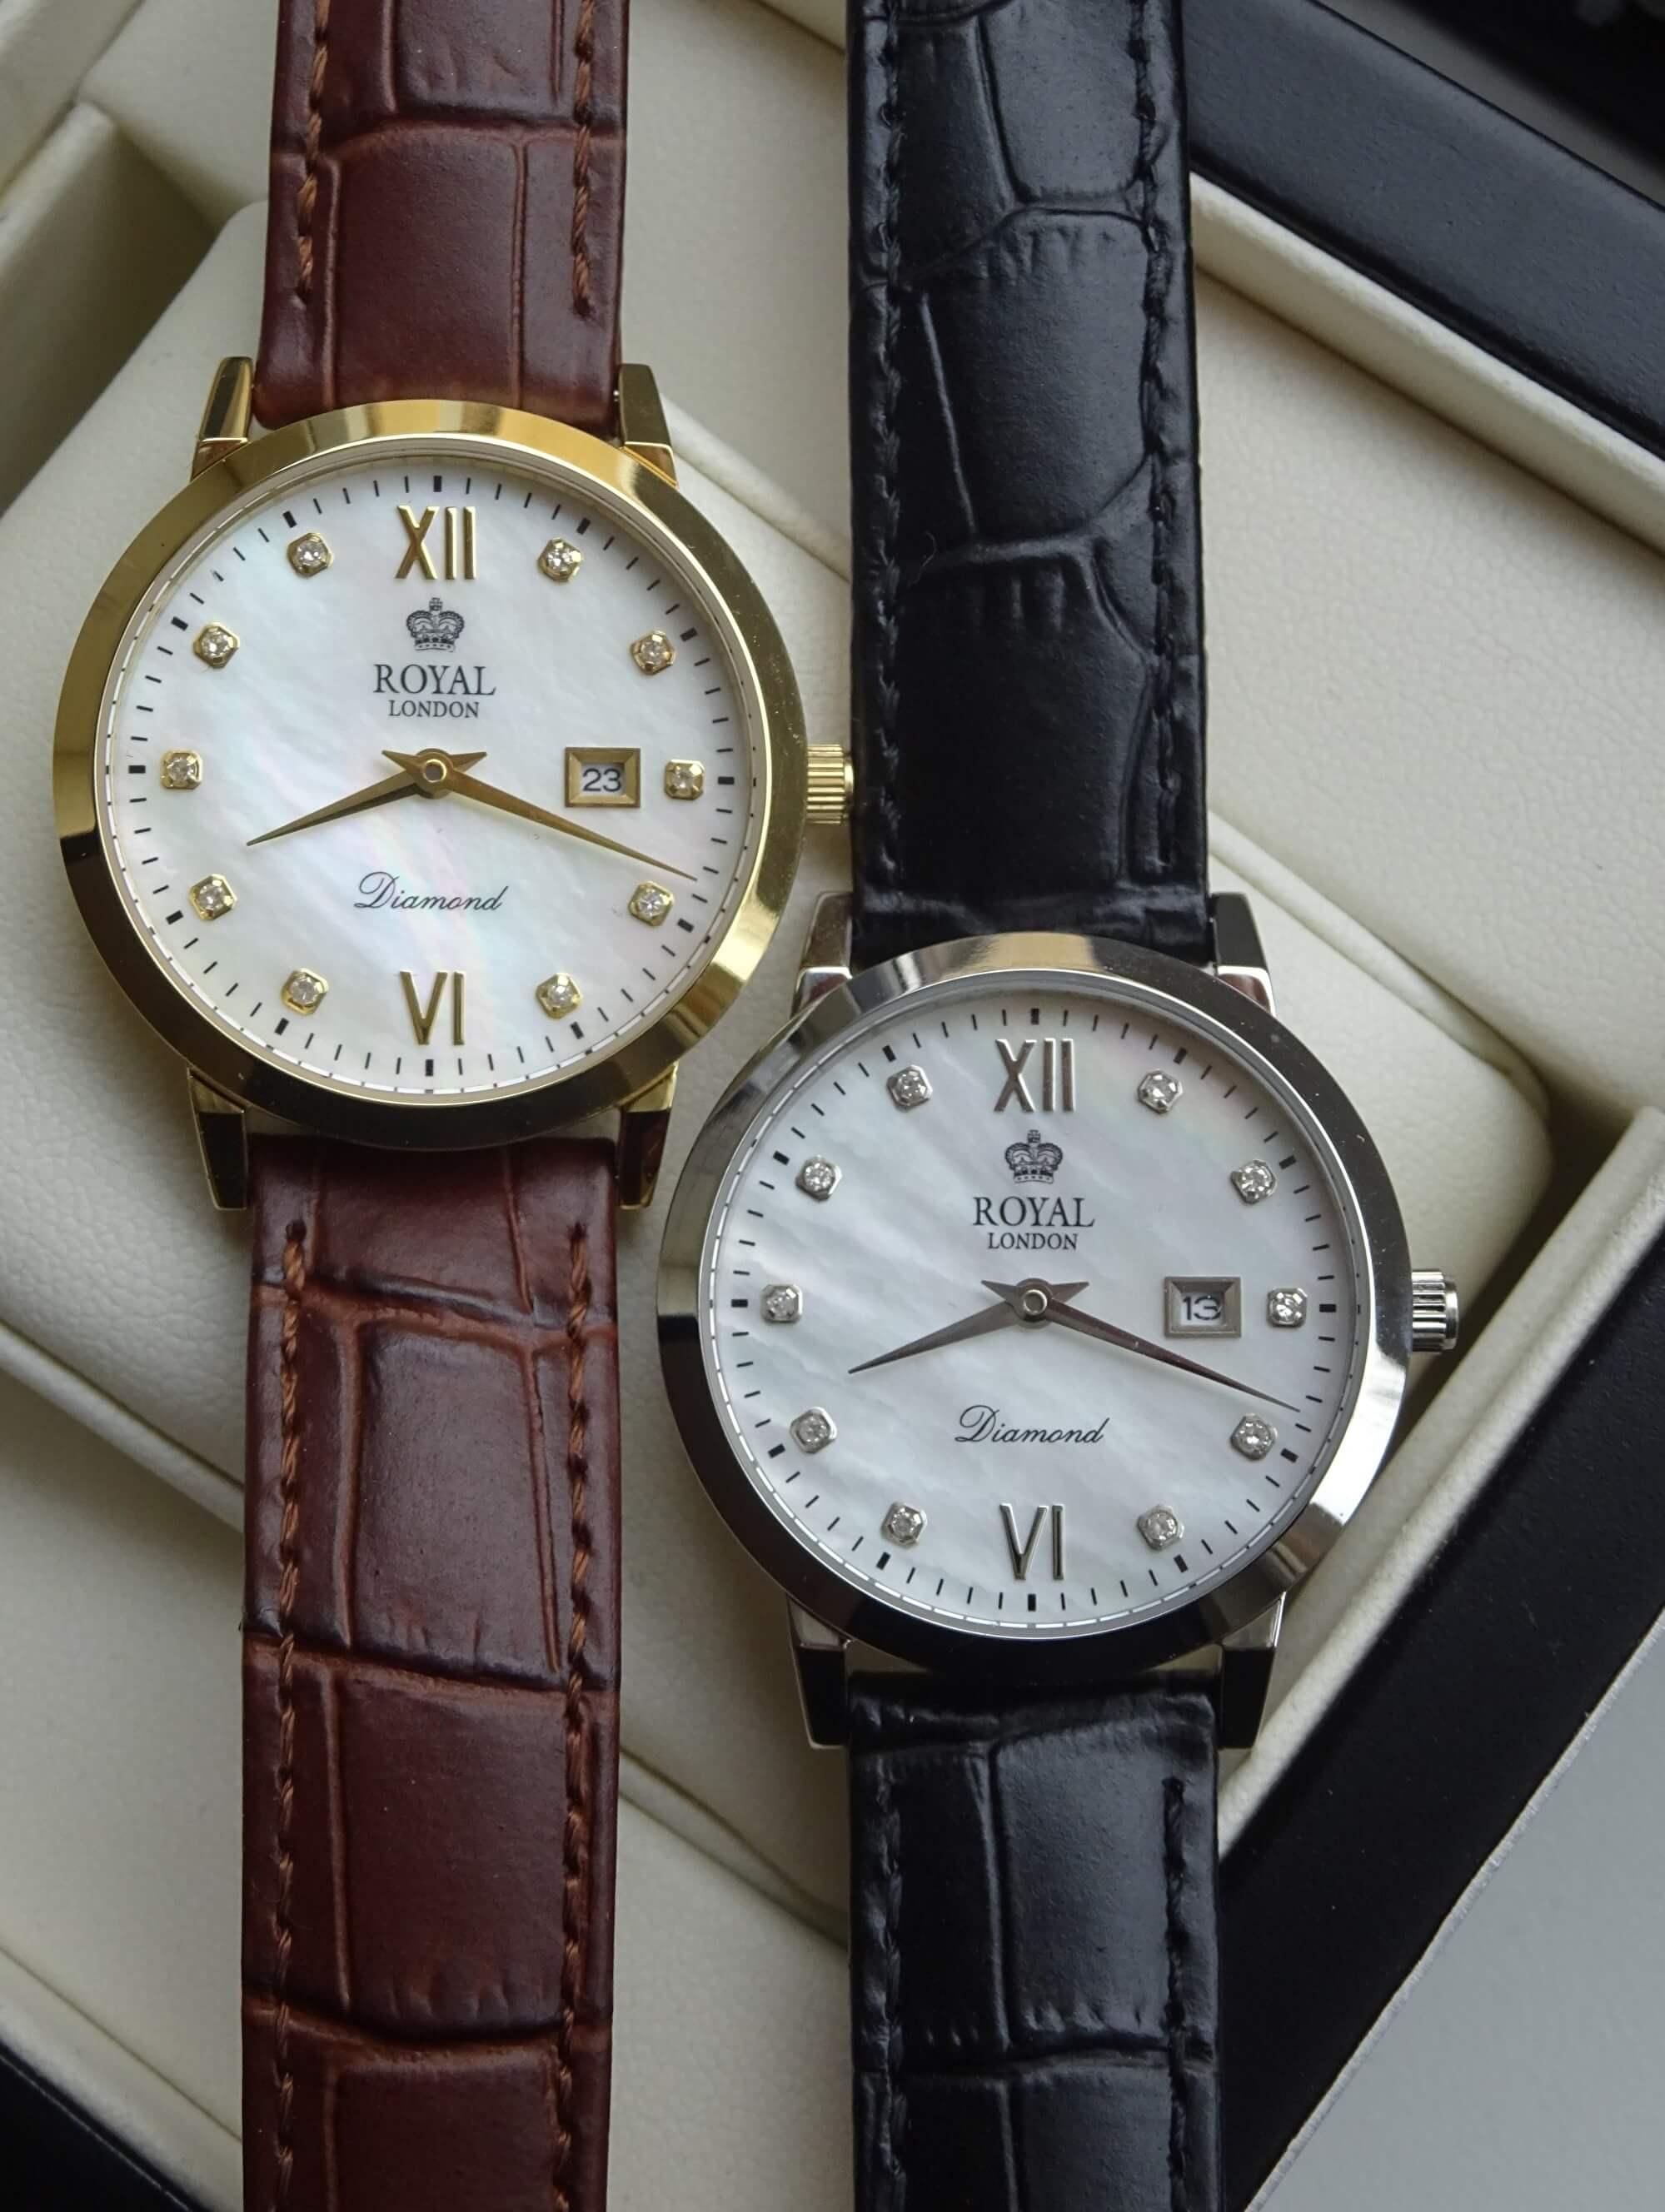 d7ccc8862f2 Royal London 11110-02 Dámské hodinky s diamanty Doprava ZDARMA ...